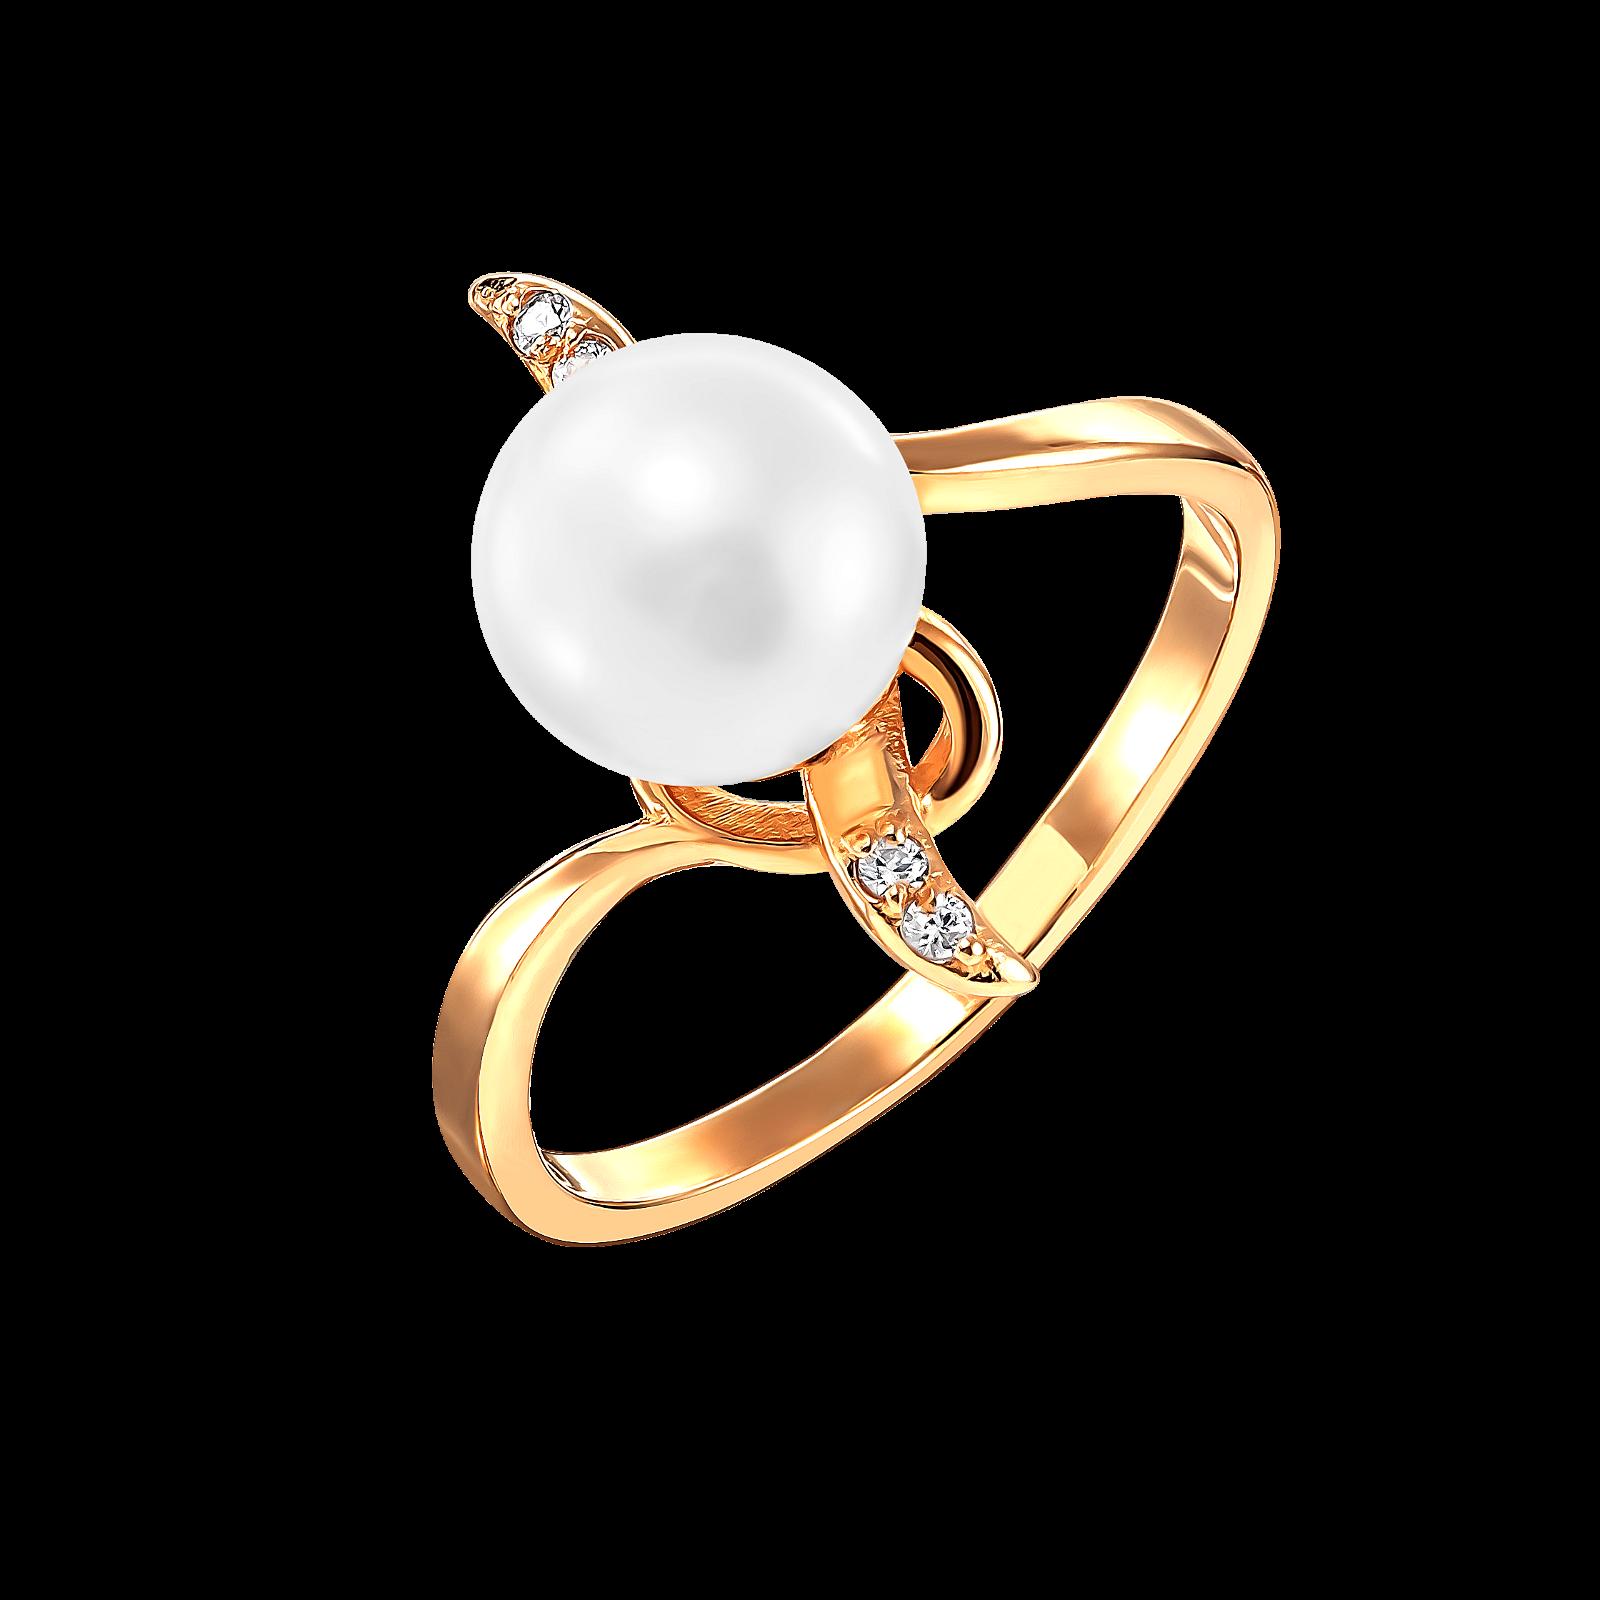 Кольцо иззолота сжемчугом